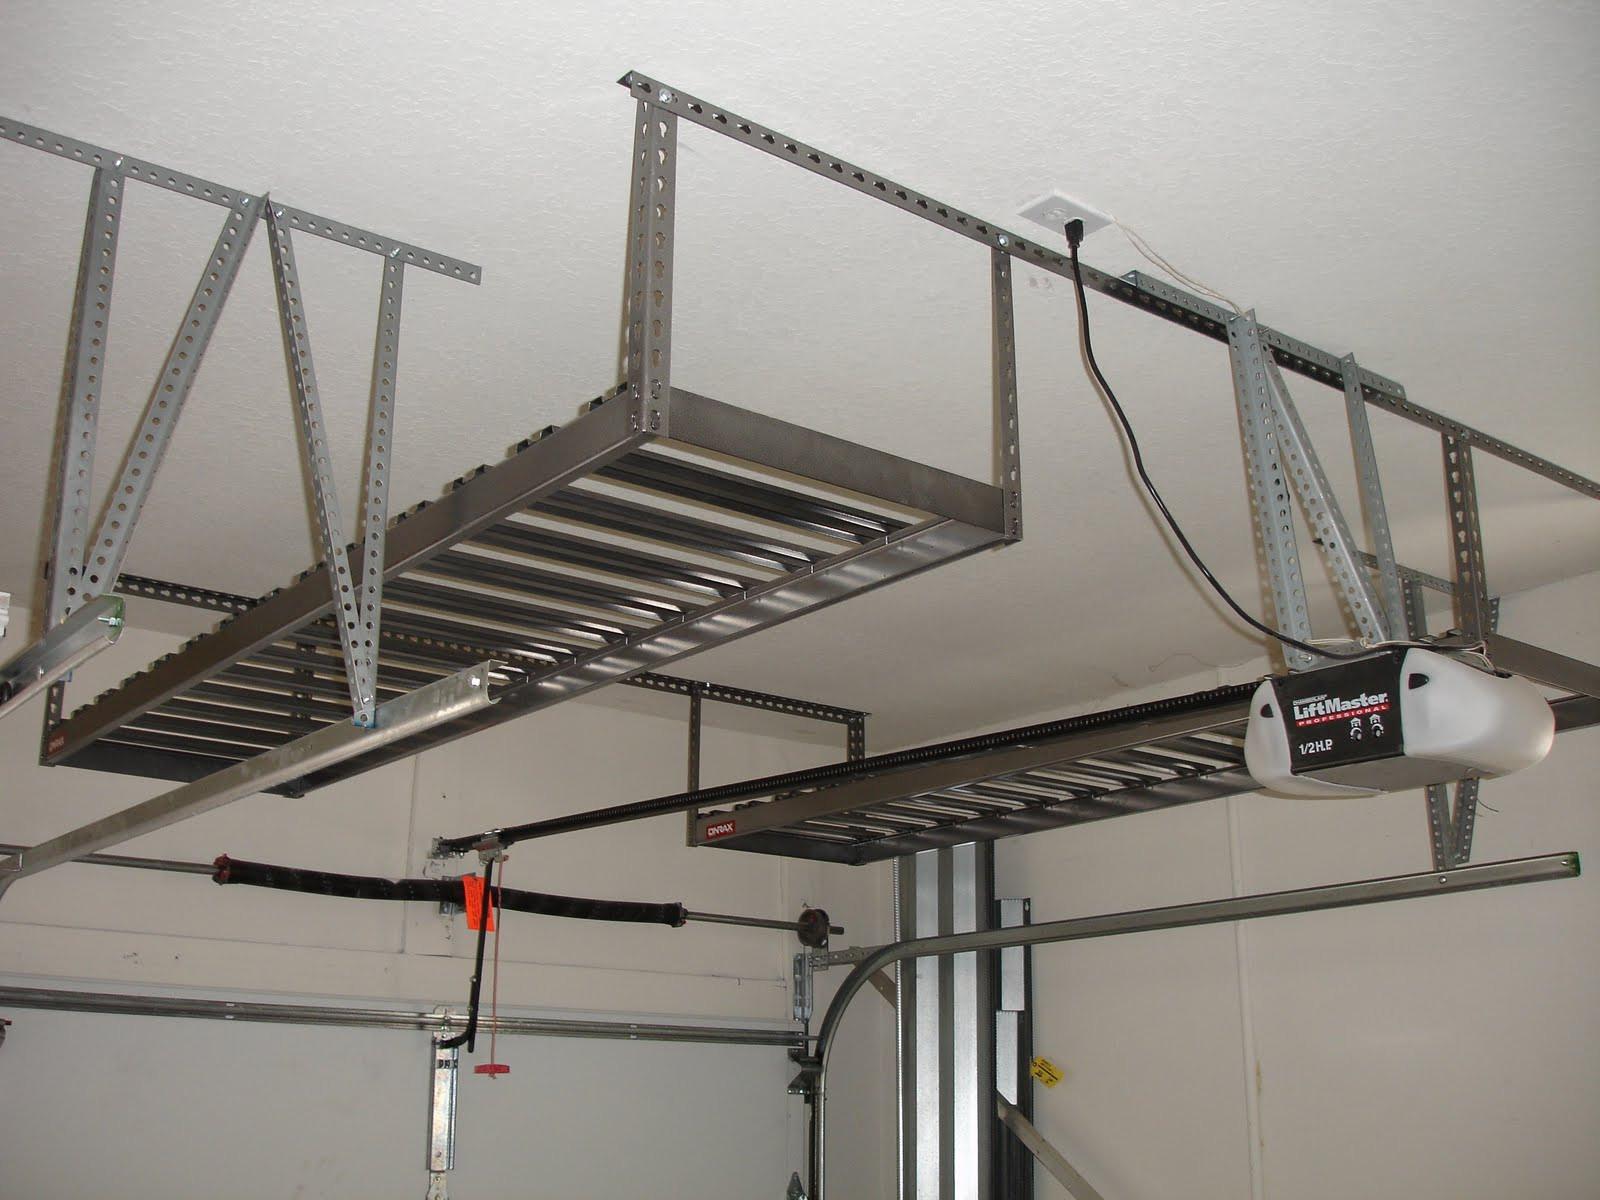 Best ideas about Diy Overhead Garage Storage Pulley System . Save or Pin Overhead Garage Storage Systems Pulley Now.